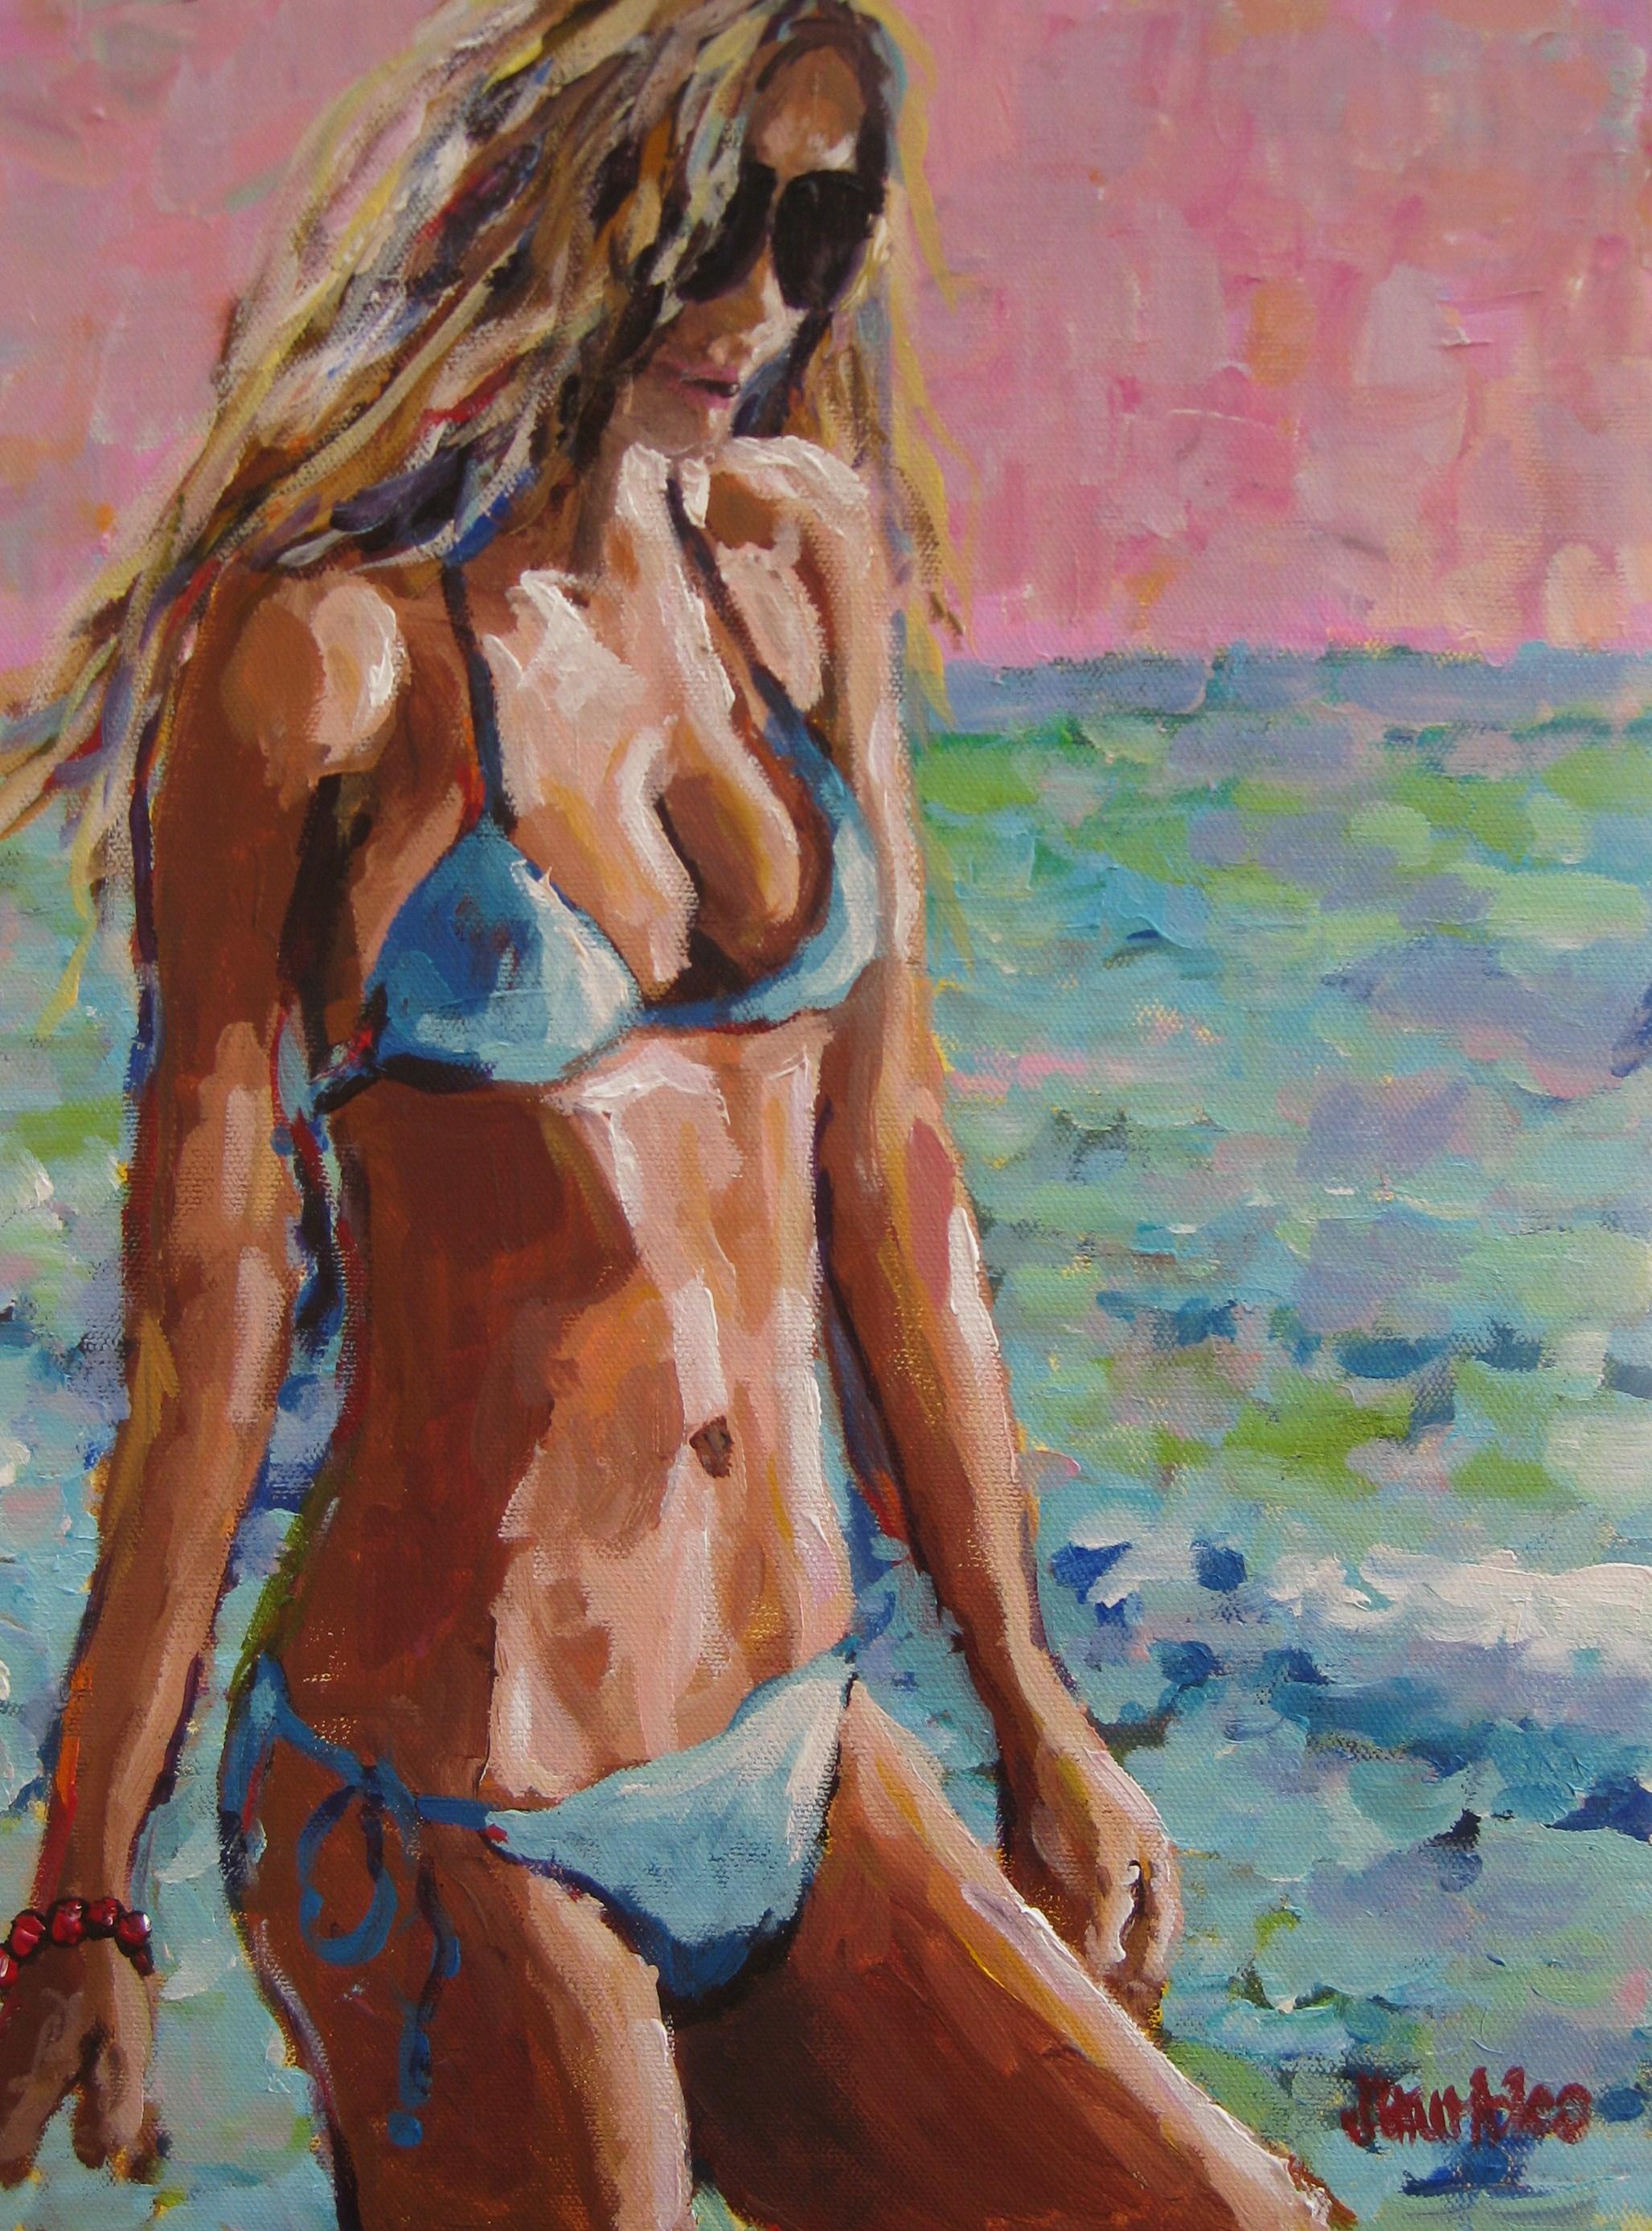 Bikini Girl 12x16